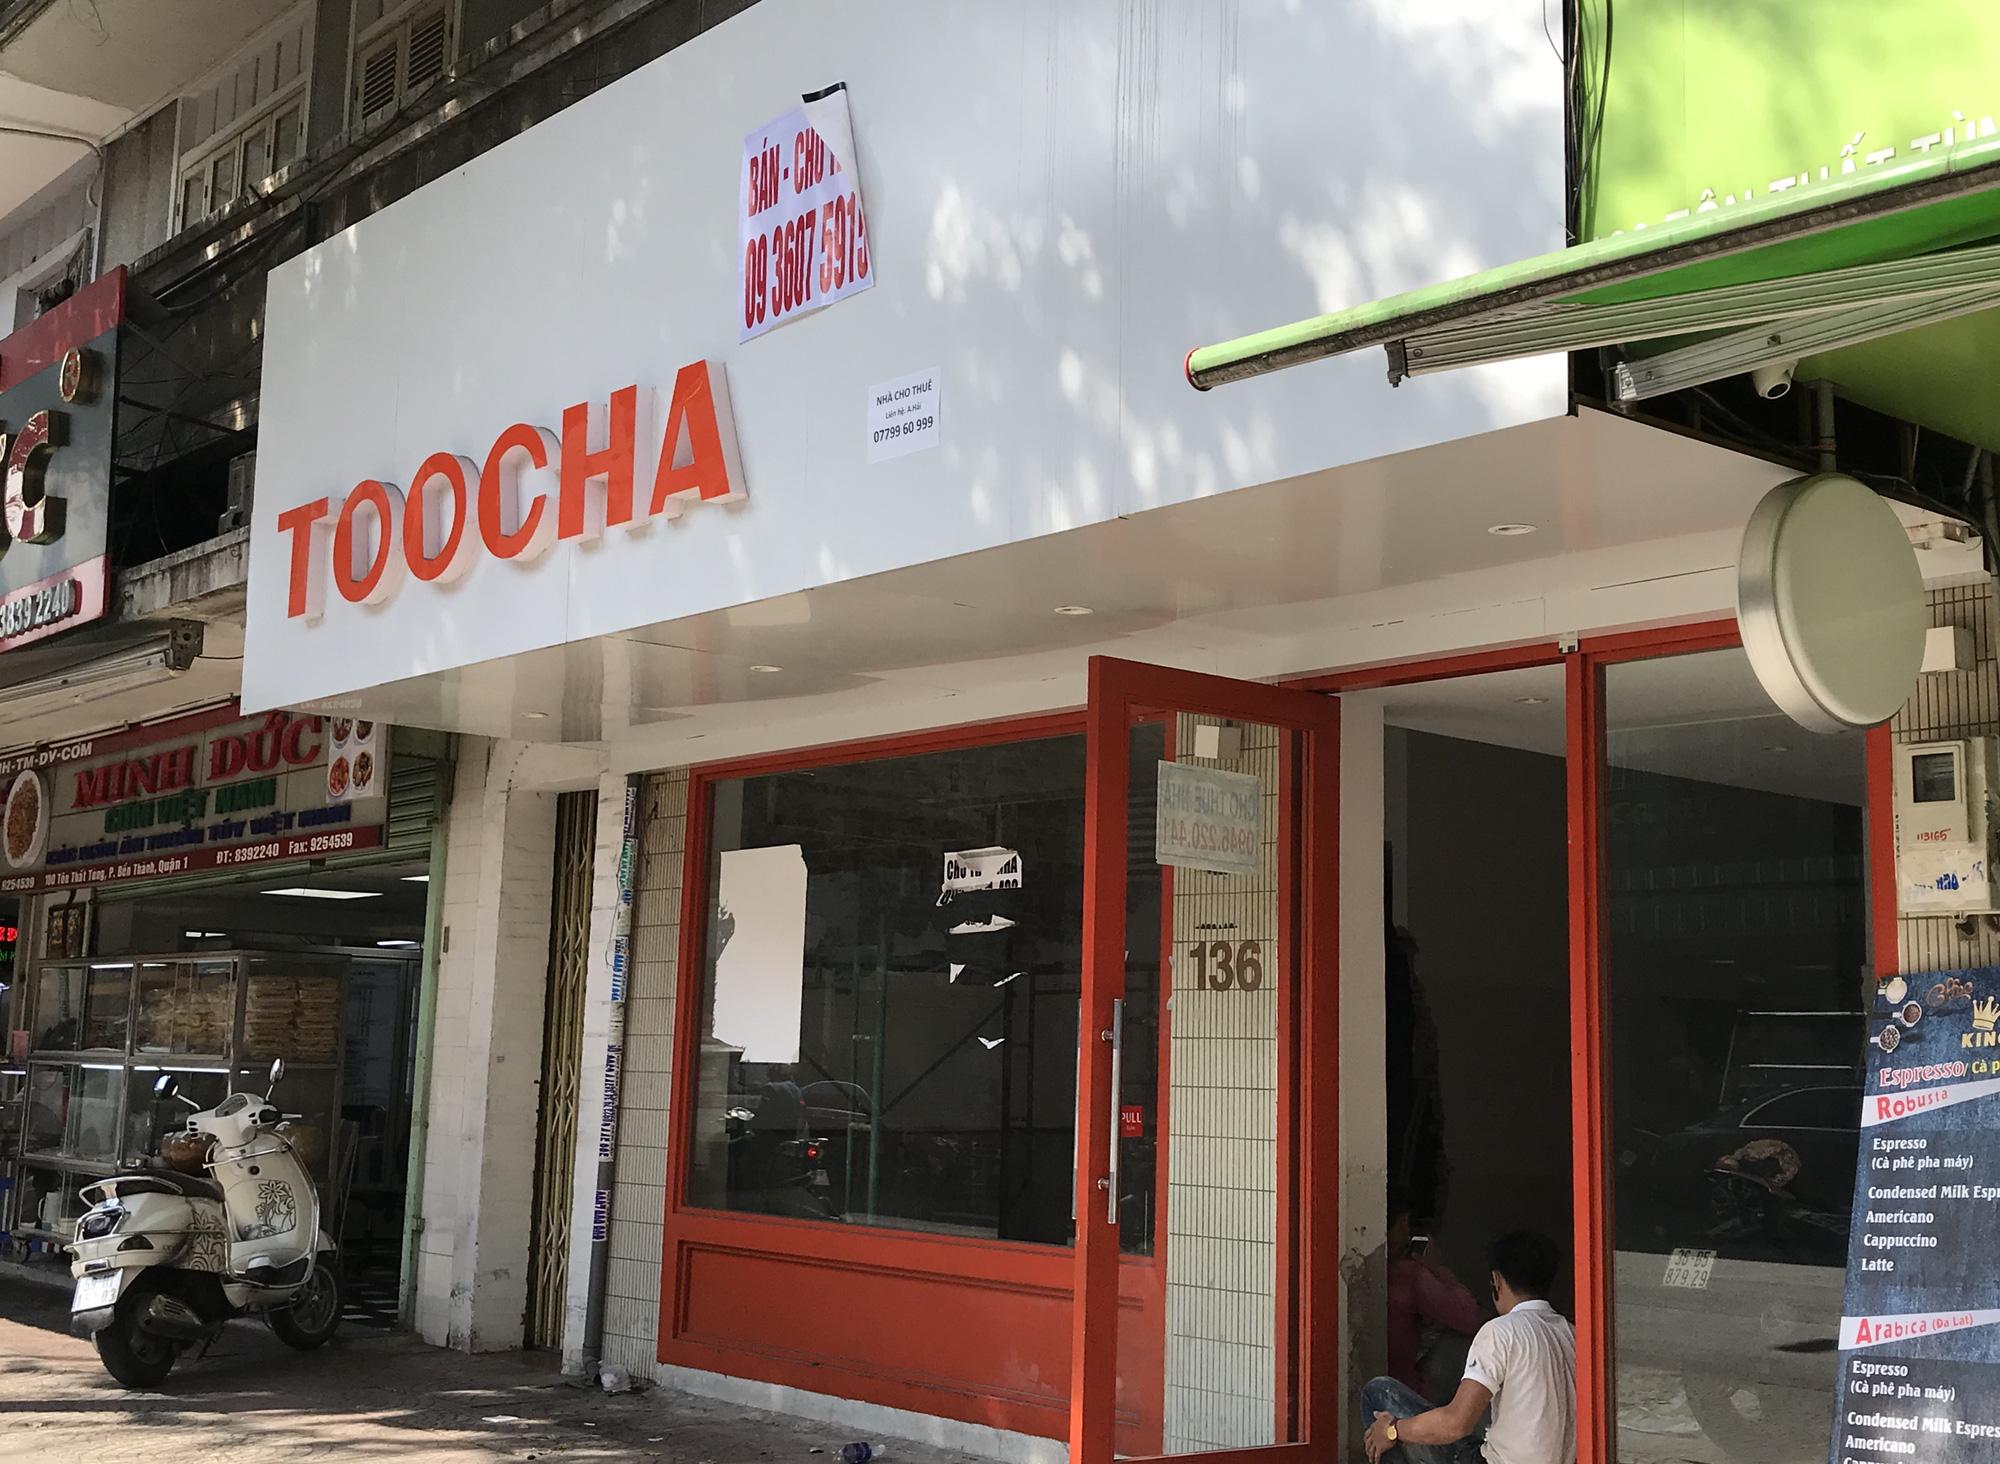 Hình ảnh loạt cửa hàng Toocha, sữa đậu nành Mr Bean của Shark Thủy, thậm chí 7-Eleven cũng đóng cửa vì Covid-19 - Ảnh 4.